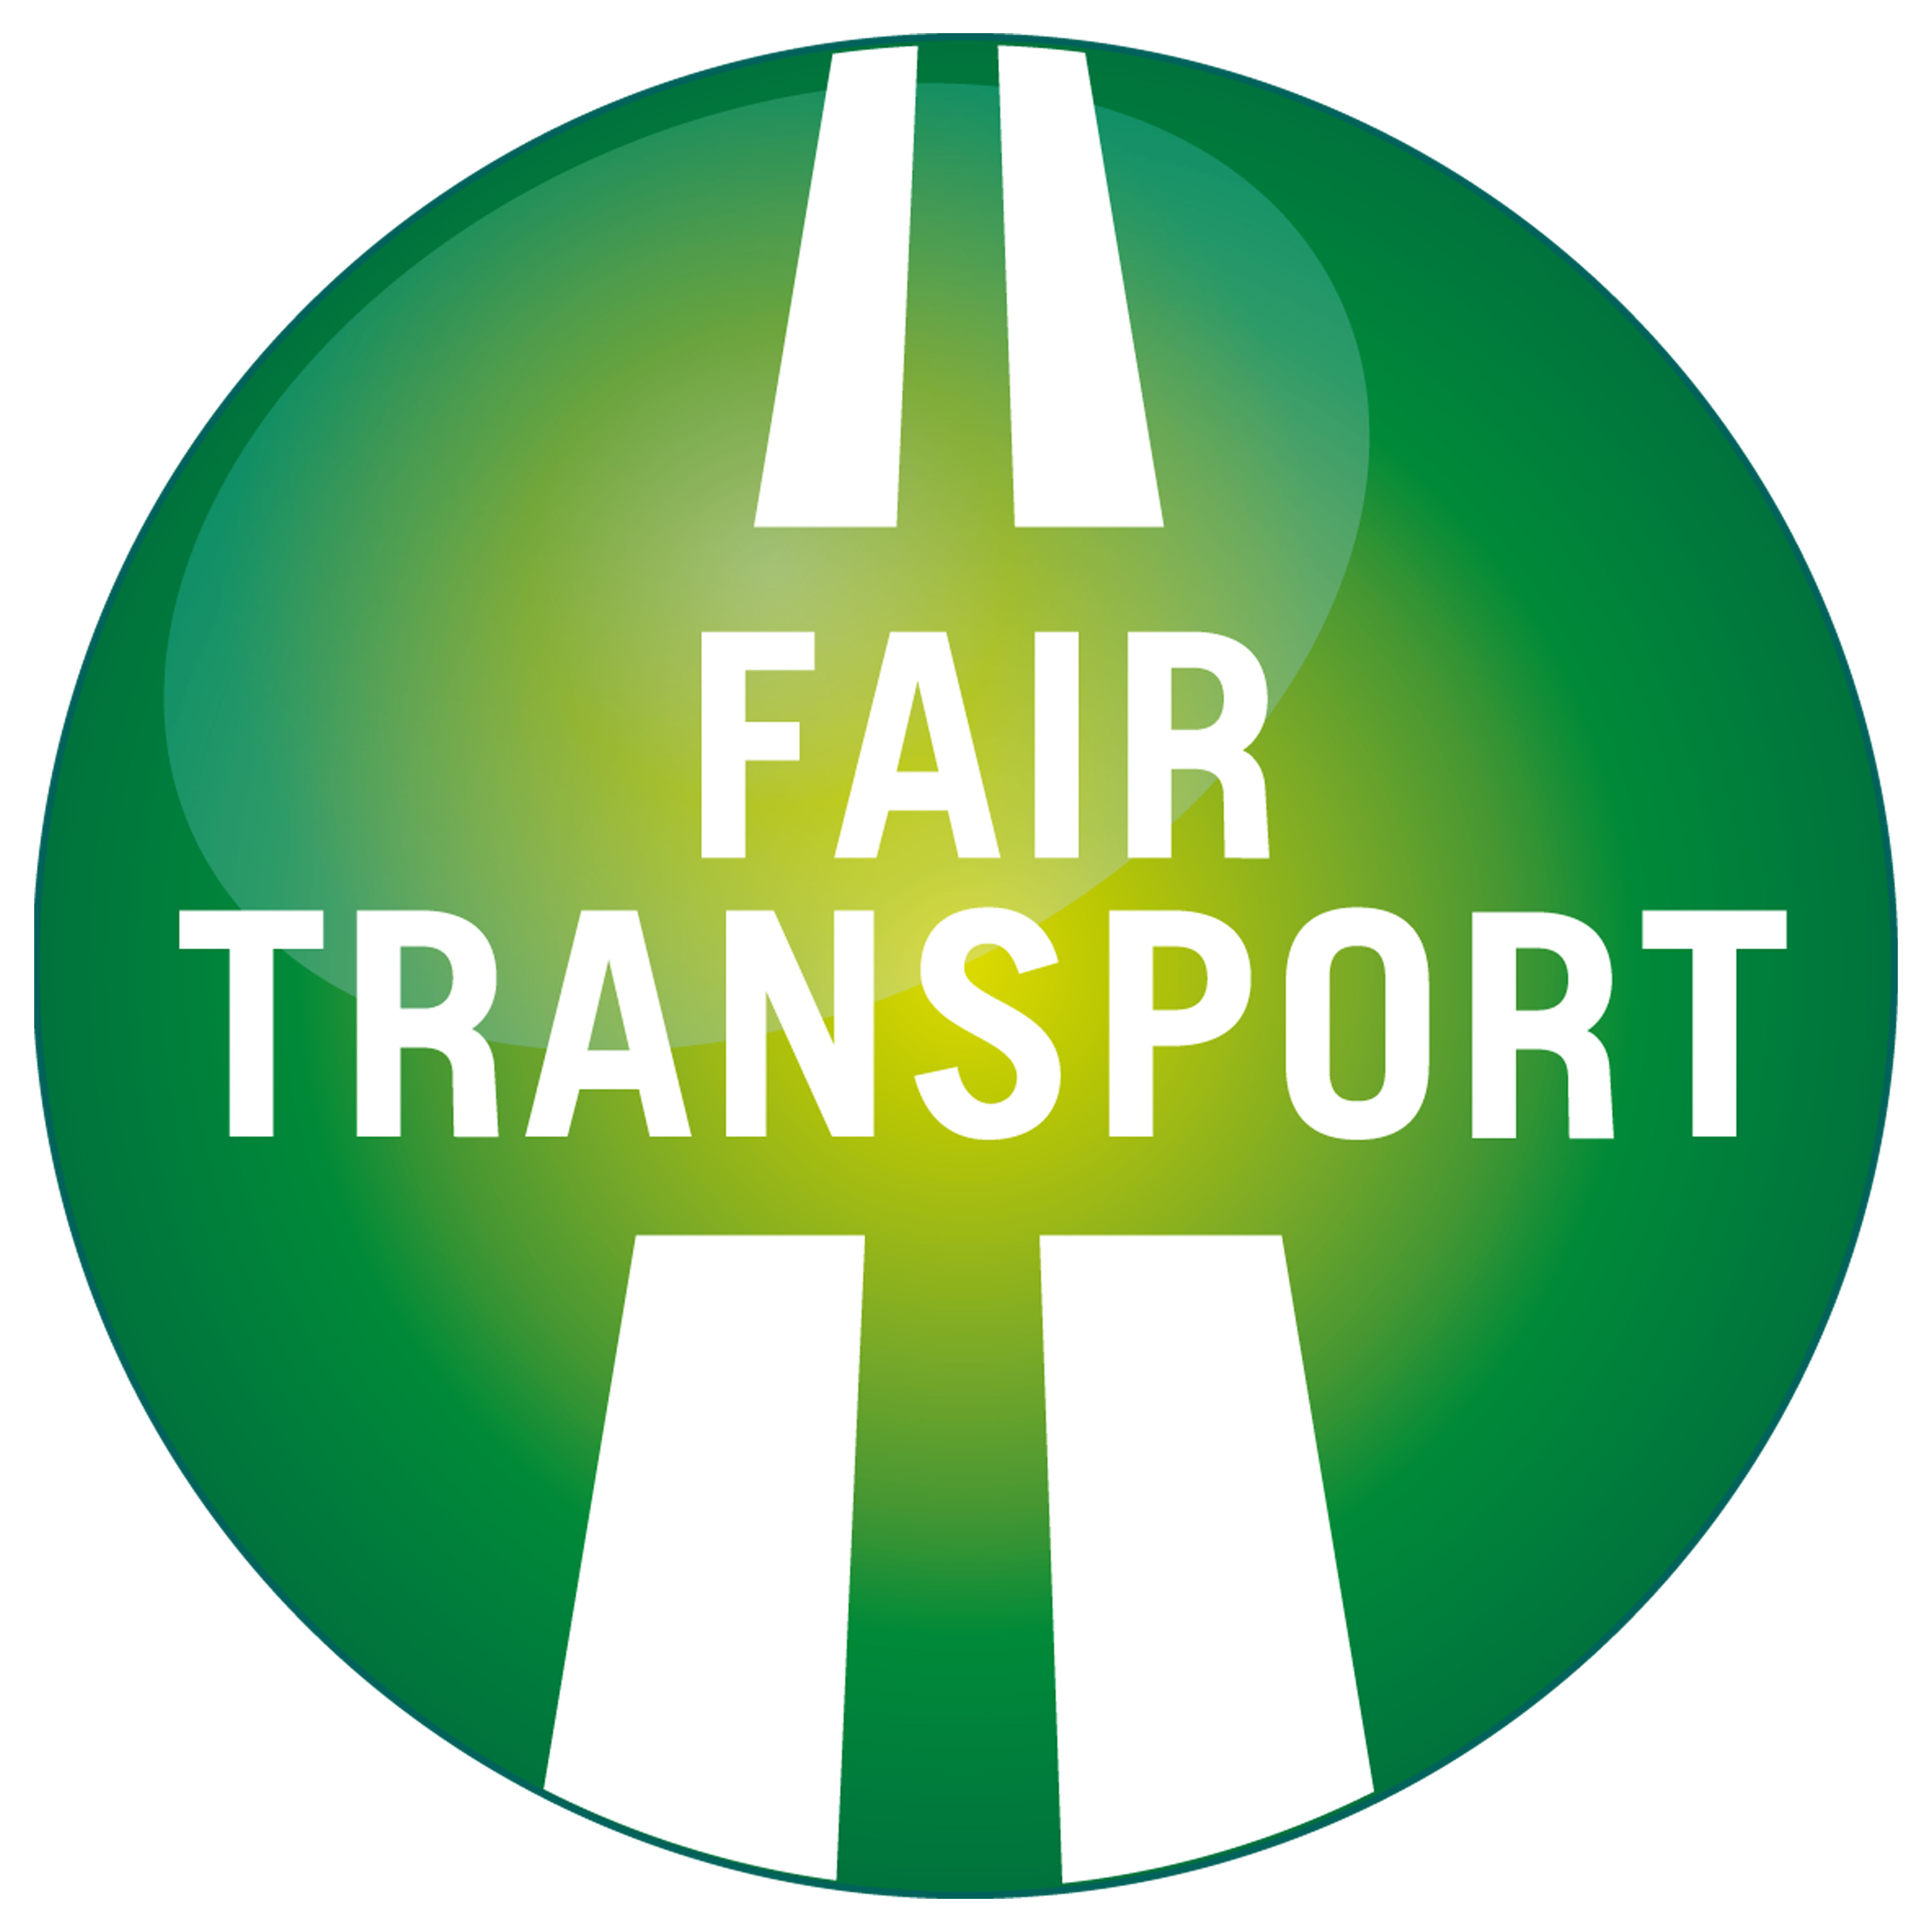 Hållbara transporter utförda av ansvarstagande åkeriföretag